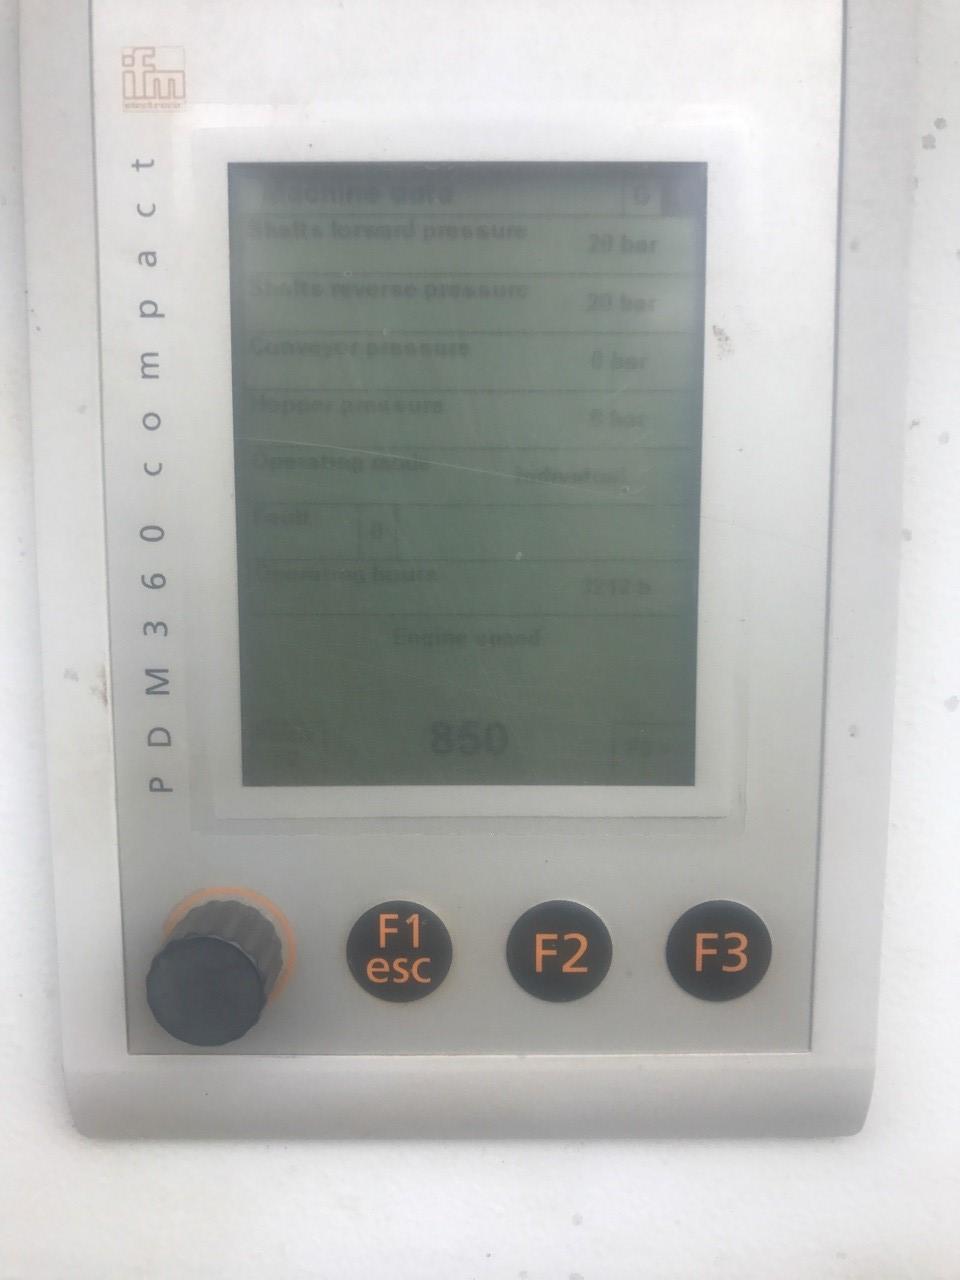 950 DK nr 92 hour meter.jpg